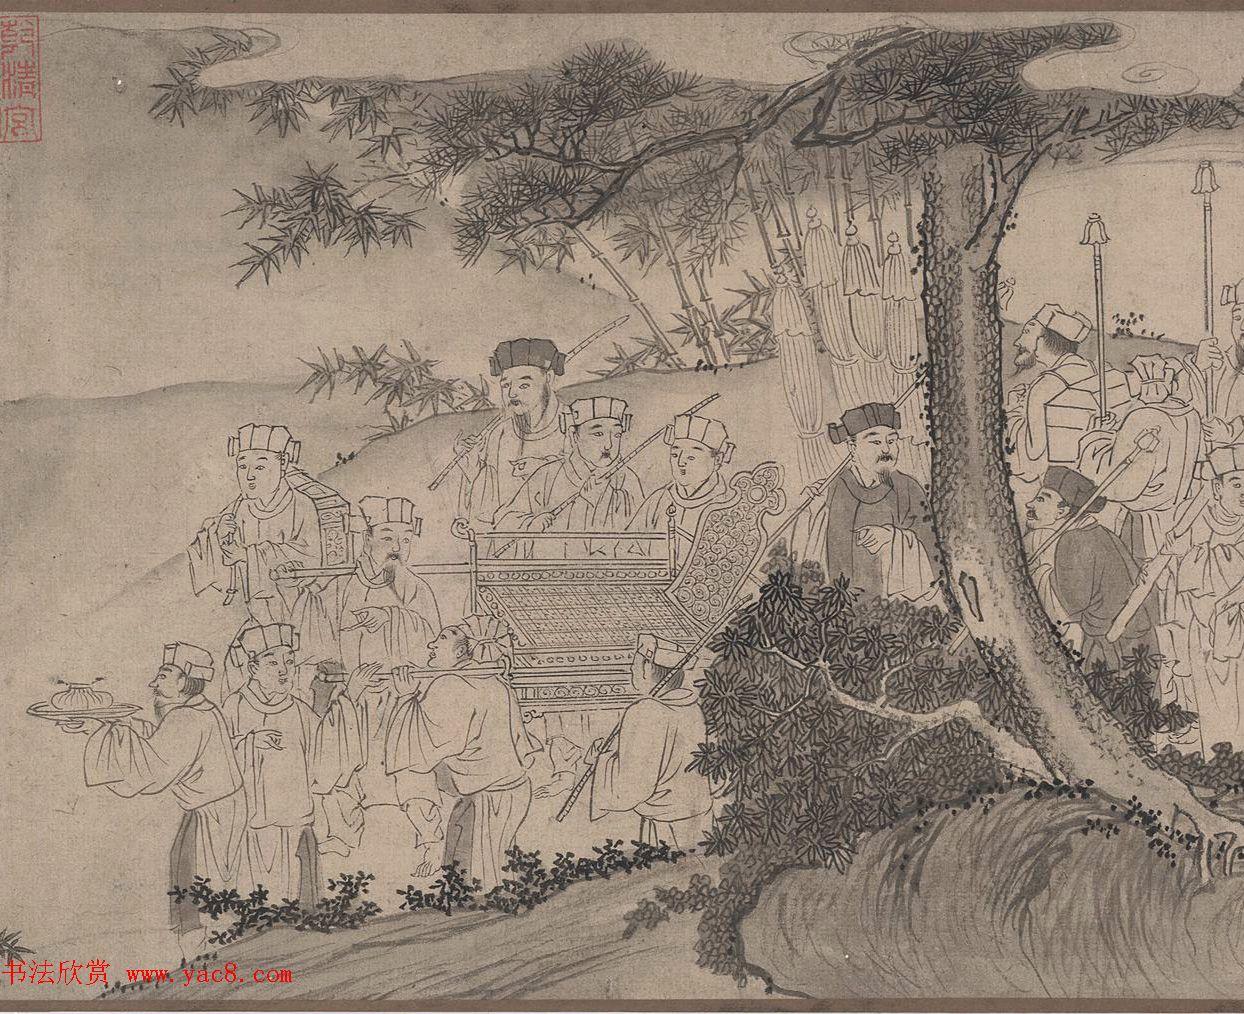 元代陈鉴如《竹林大士出山图》十人书法题跋